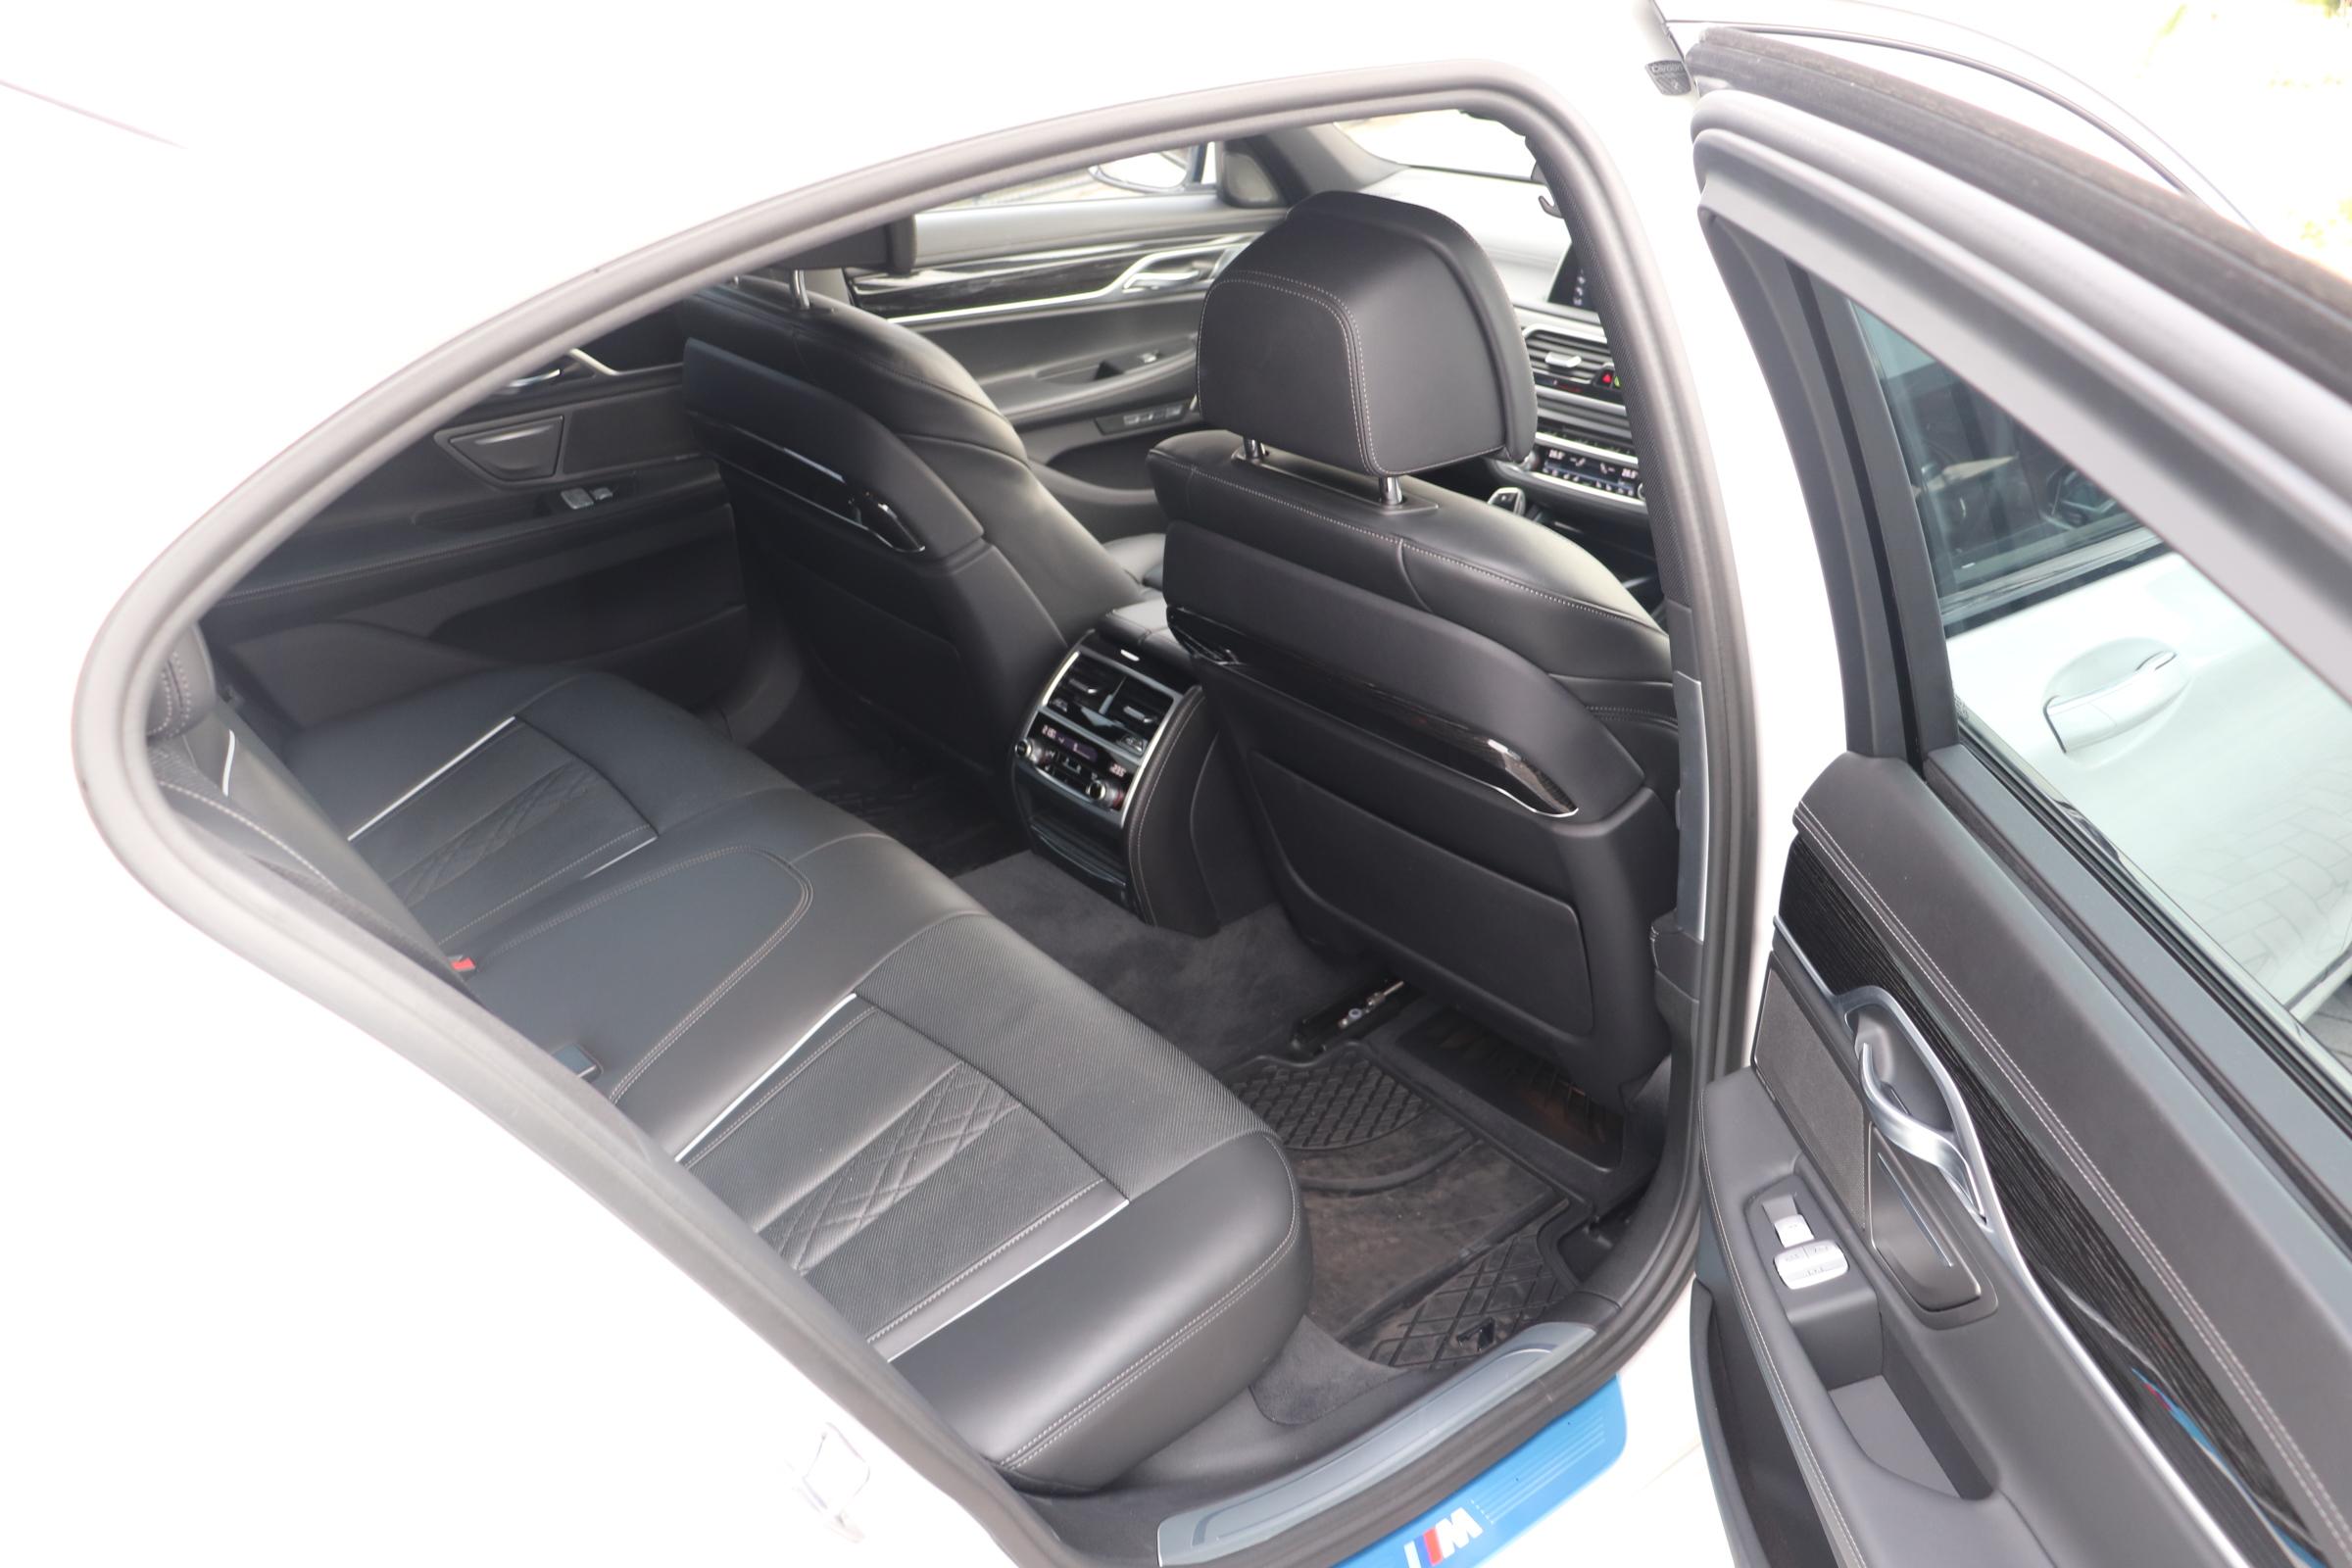 750i Mスポーツ サンルーフ レーザーライト HUD リモートP メーカー保証車両画像11